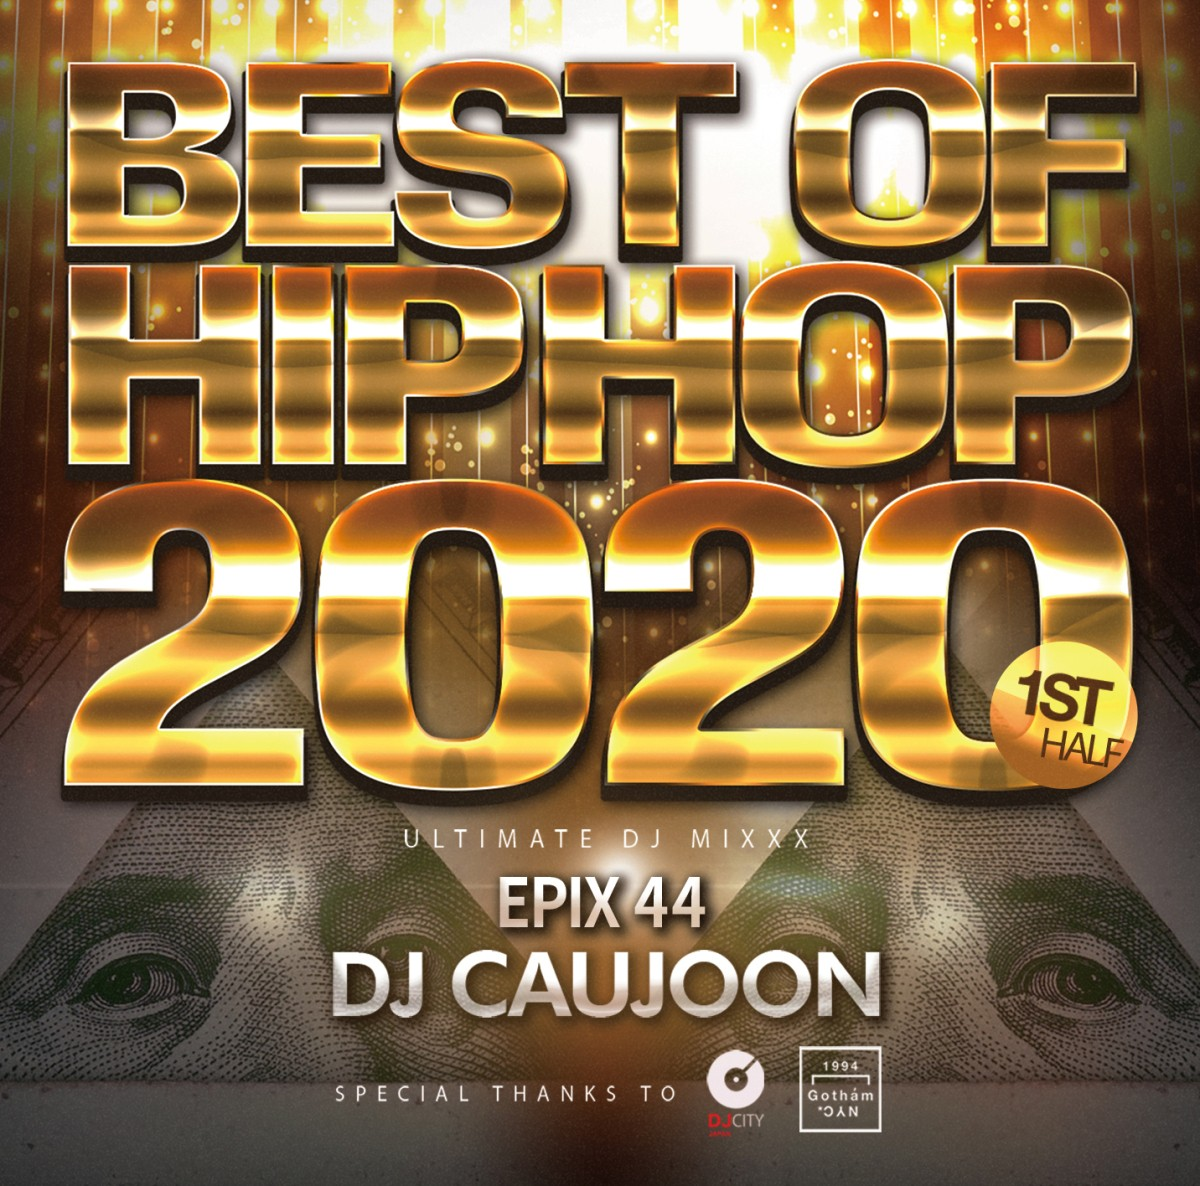 ヒップホップ 2020年 上半期 ベスト 最高峰ミックス DJコージュン メガミックスEpix 44 -Best Of Hip Hop 2020 1st Half- / DJ Caujoon